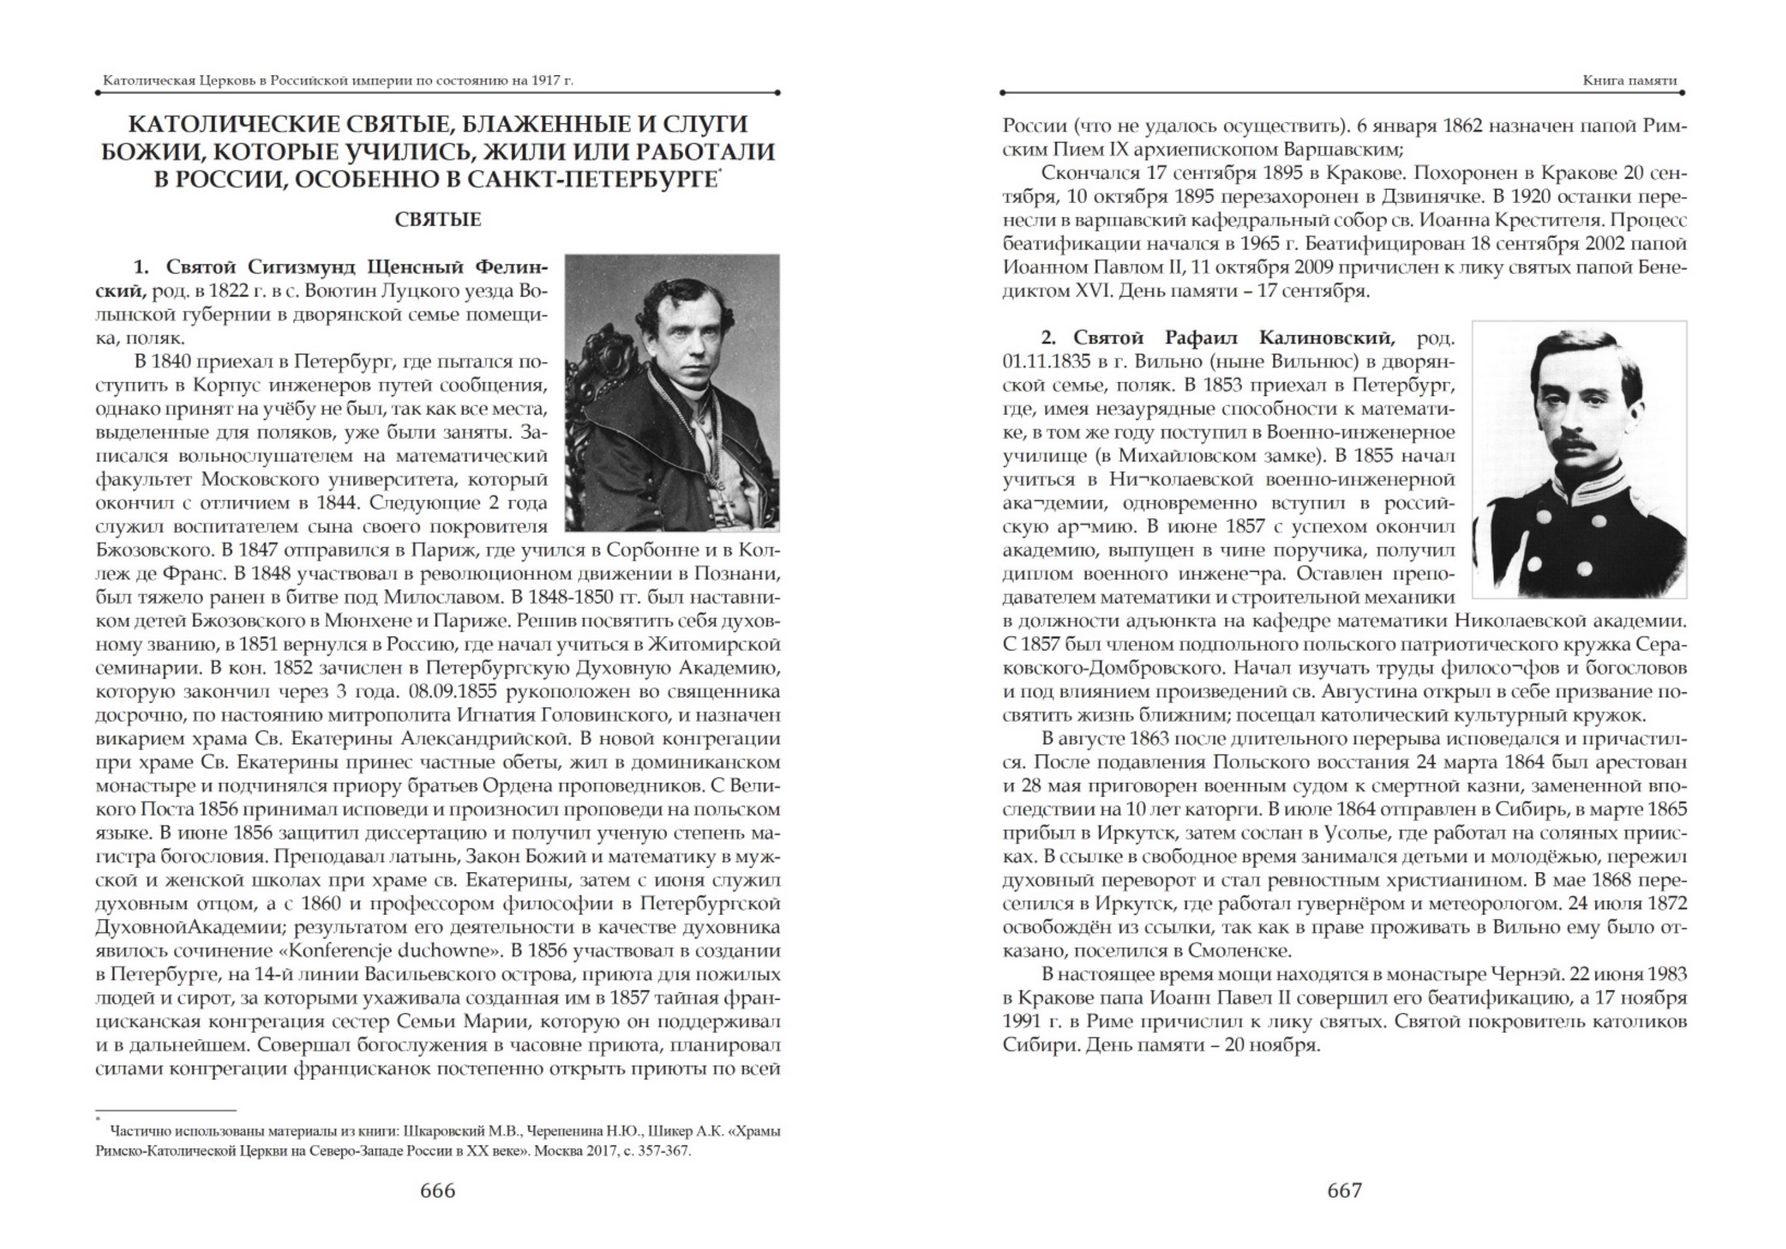 Издана книга, посвященная Католической Церкви в России накануне революции 1917 года и в Советский период 15